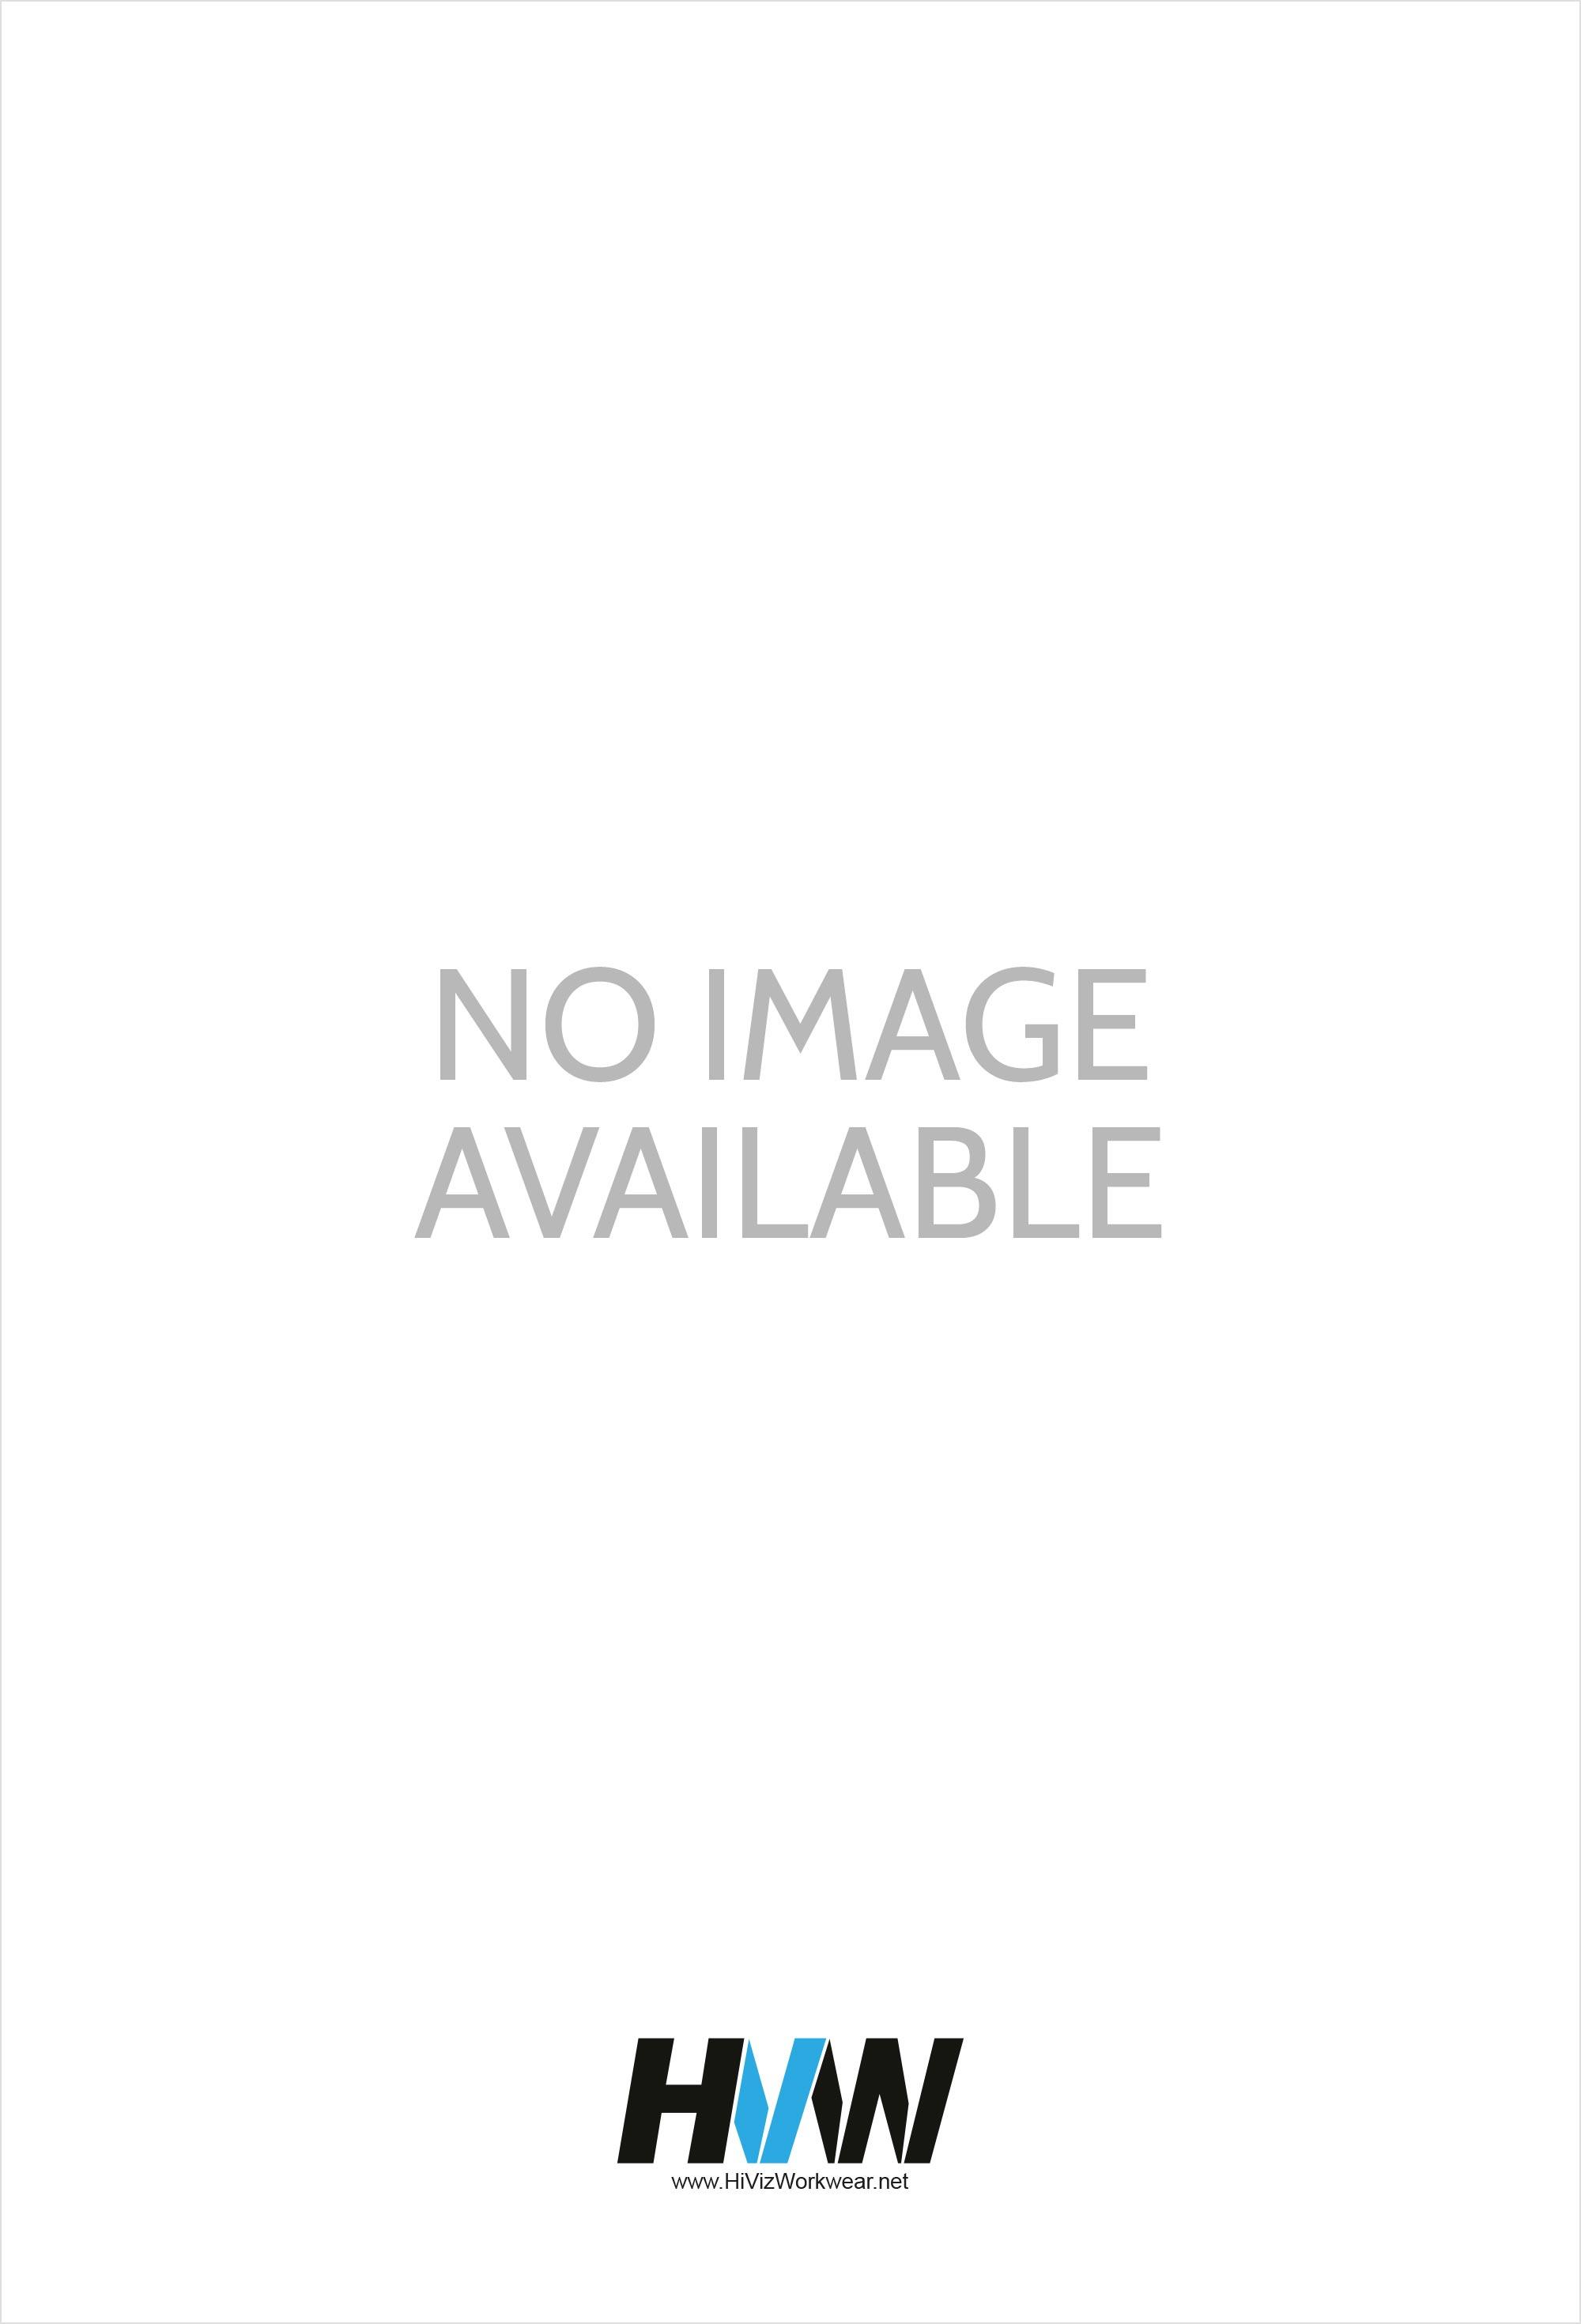 R227X Core StormDri Jacket (Small To 3XL)